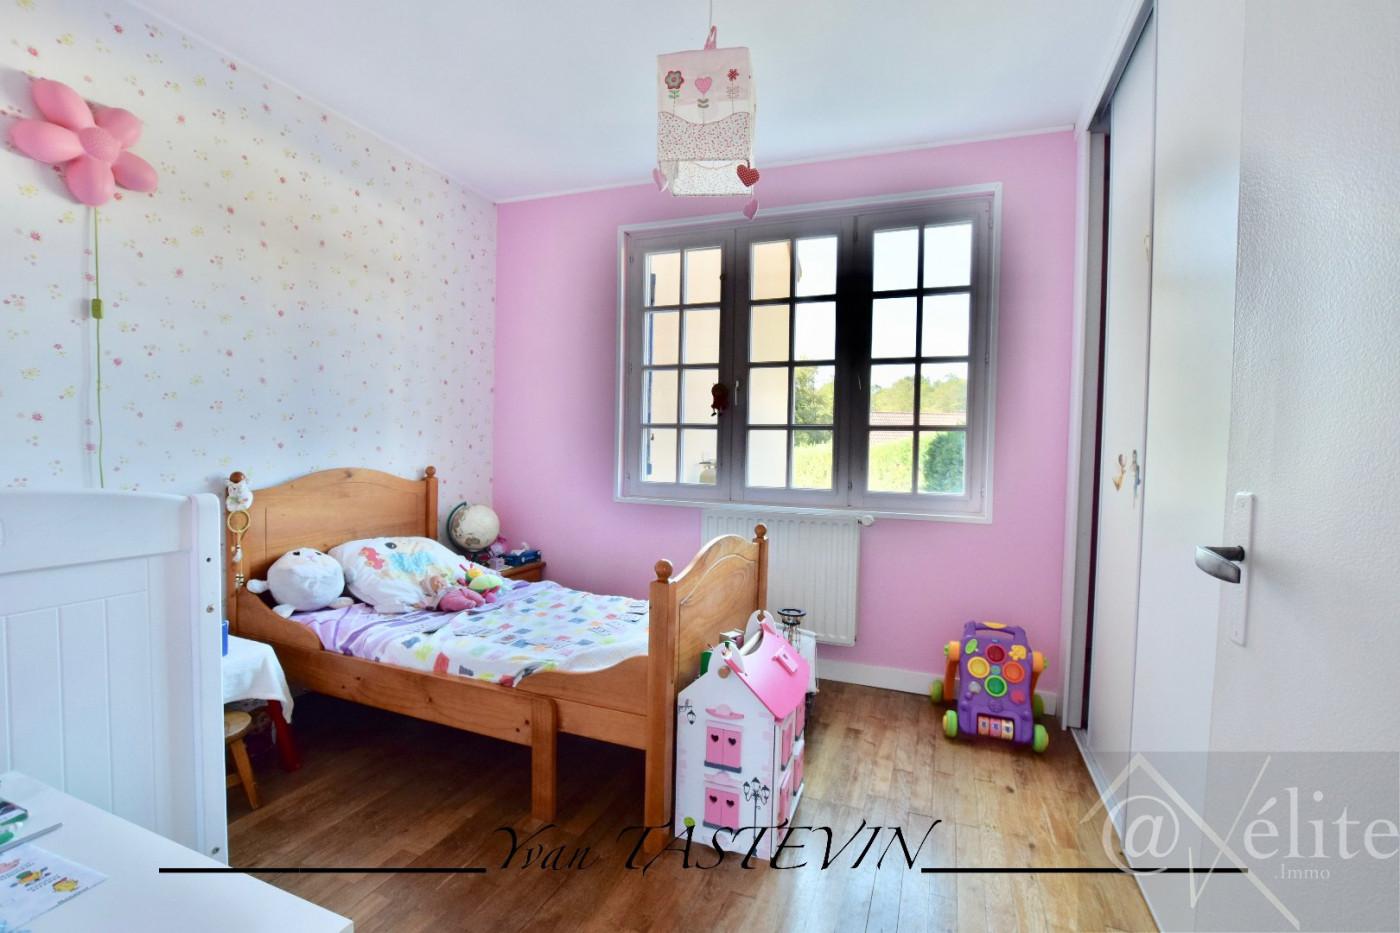 A vendre Montfort Le Gesnois 777921486 Axelite sas